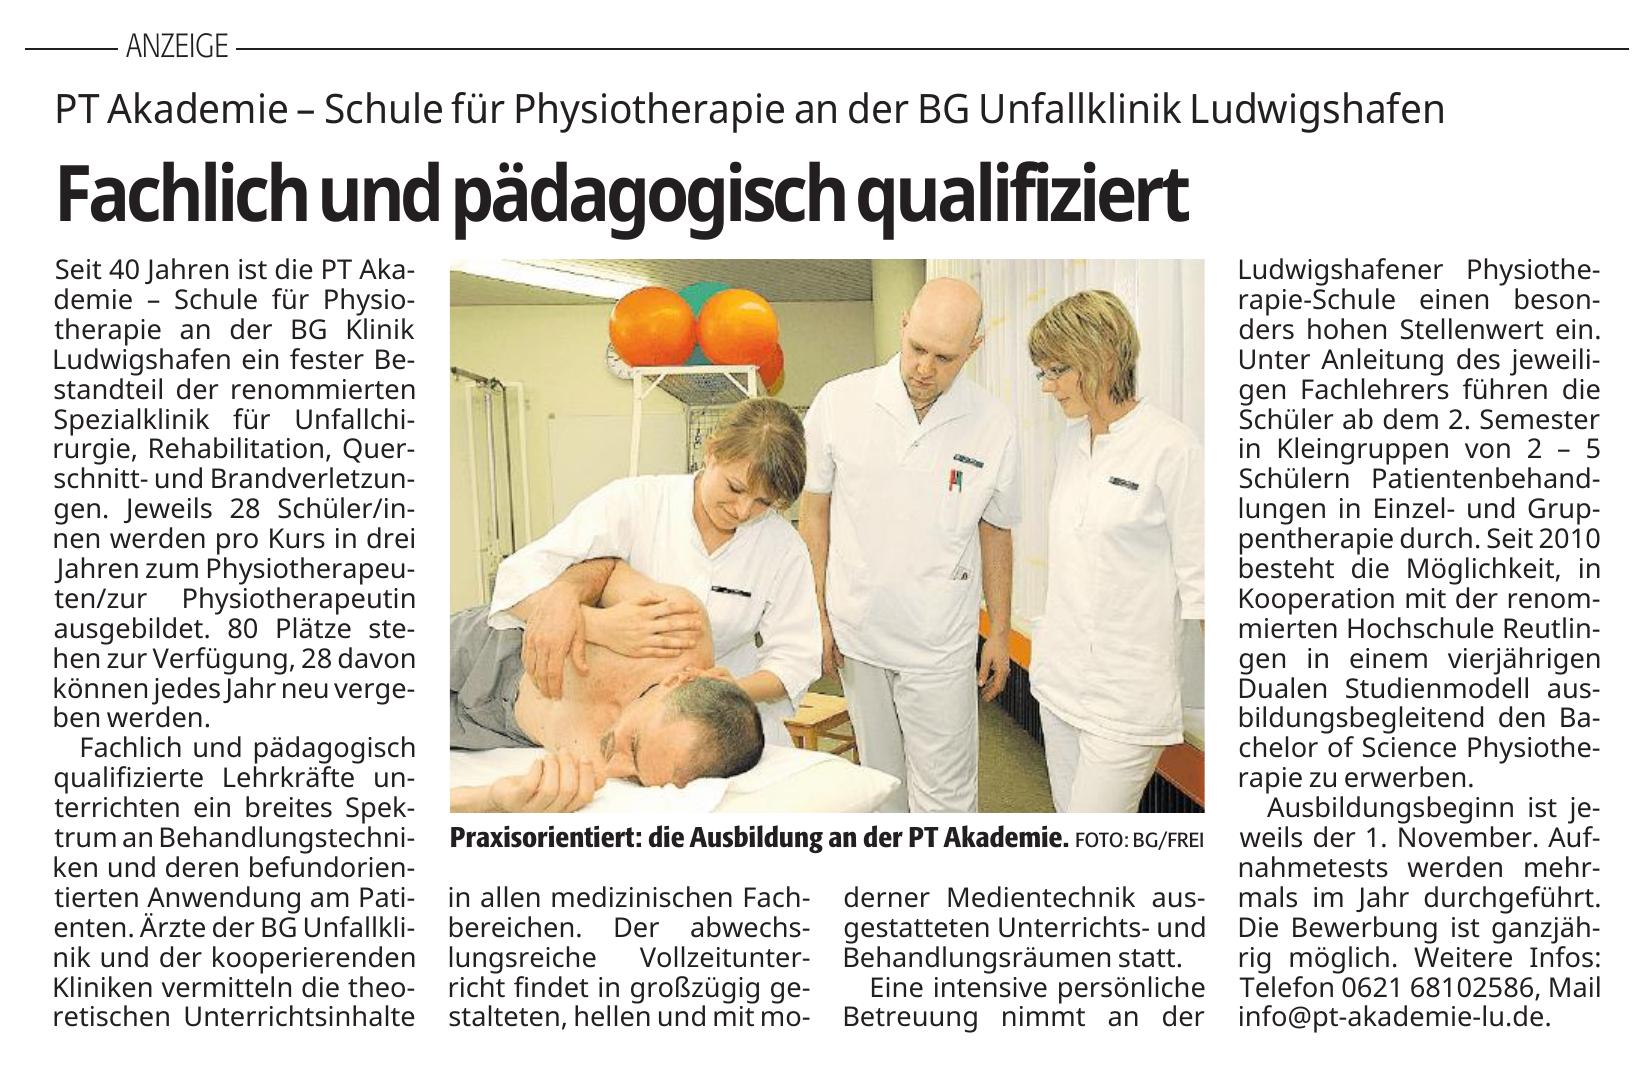 PT Akademie – Schule für Physiotherapie an der BG Unfallklinik Ludwigshafen